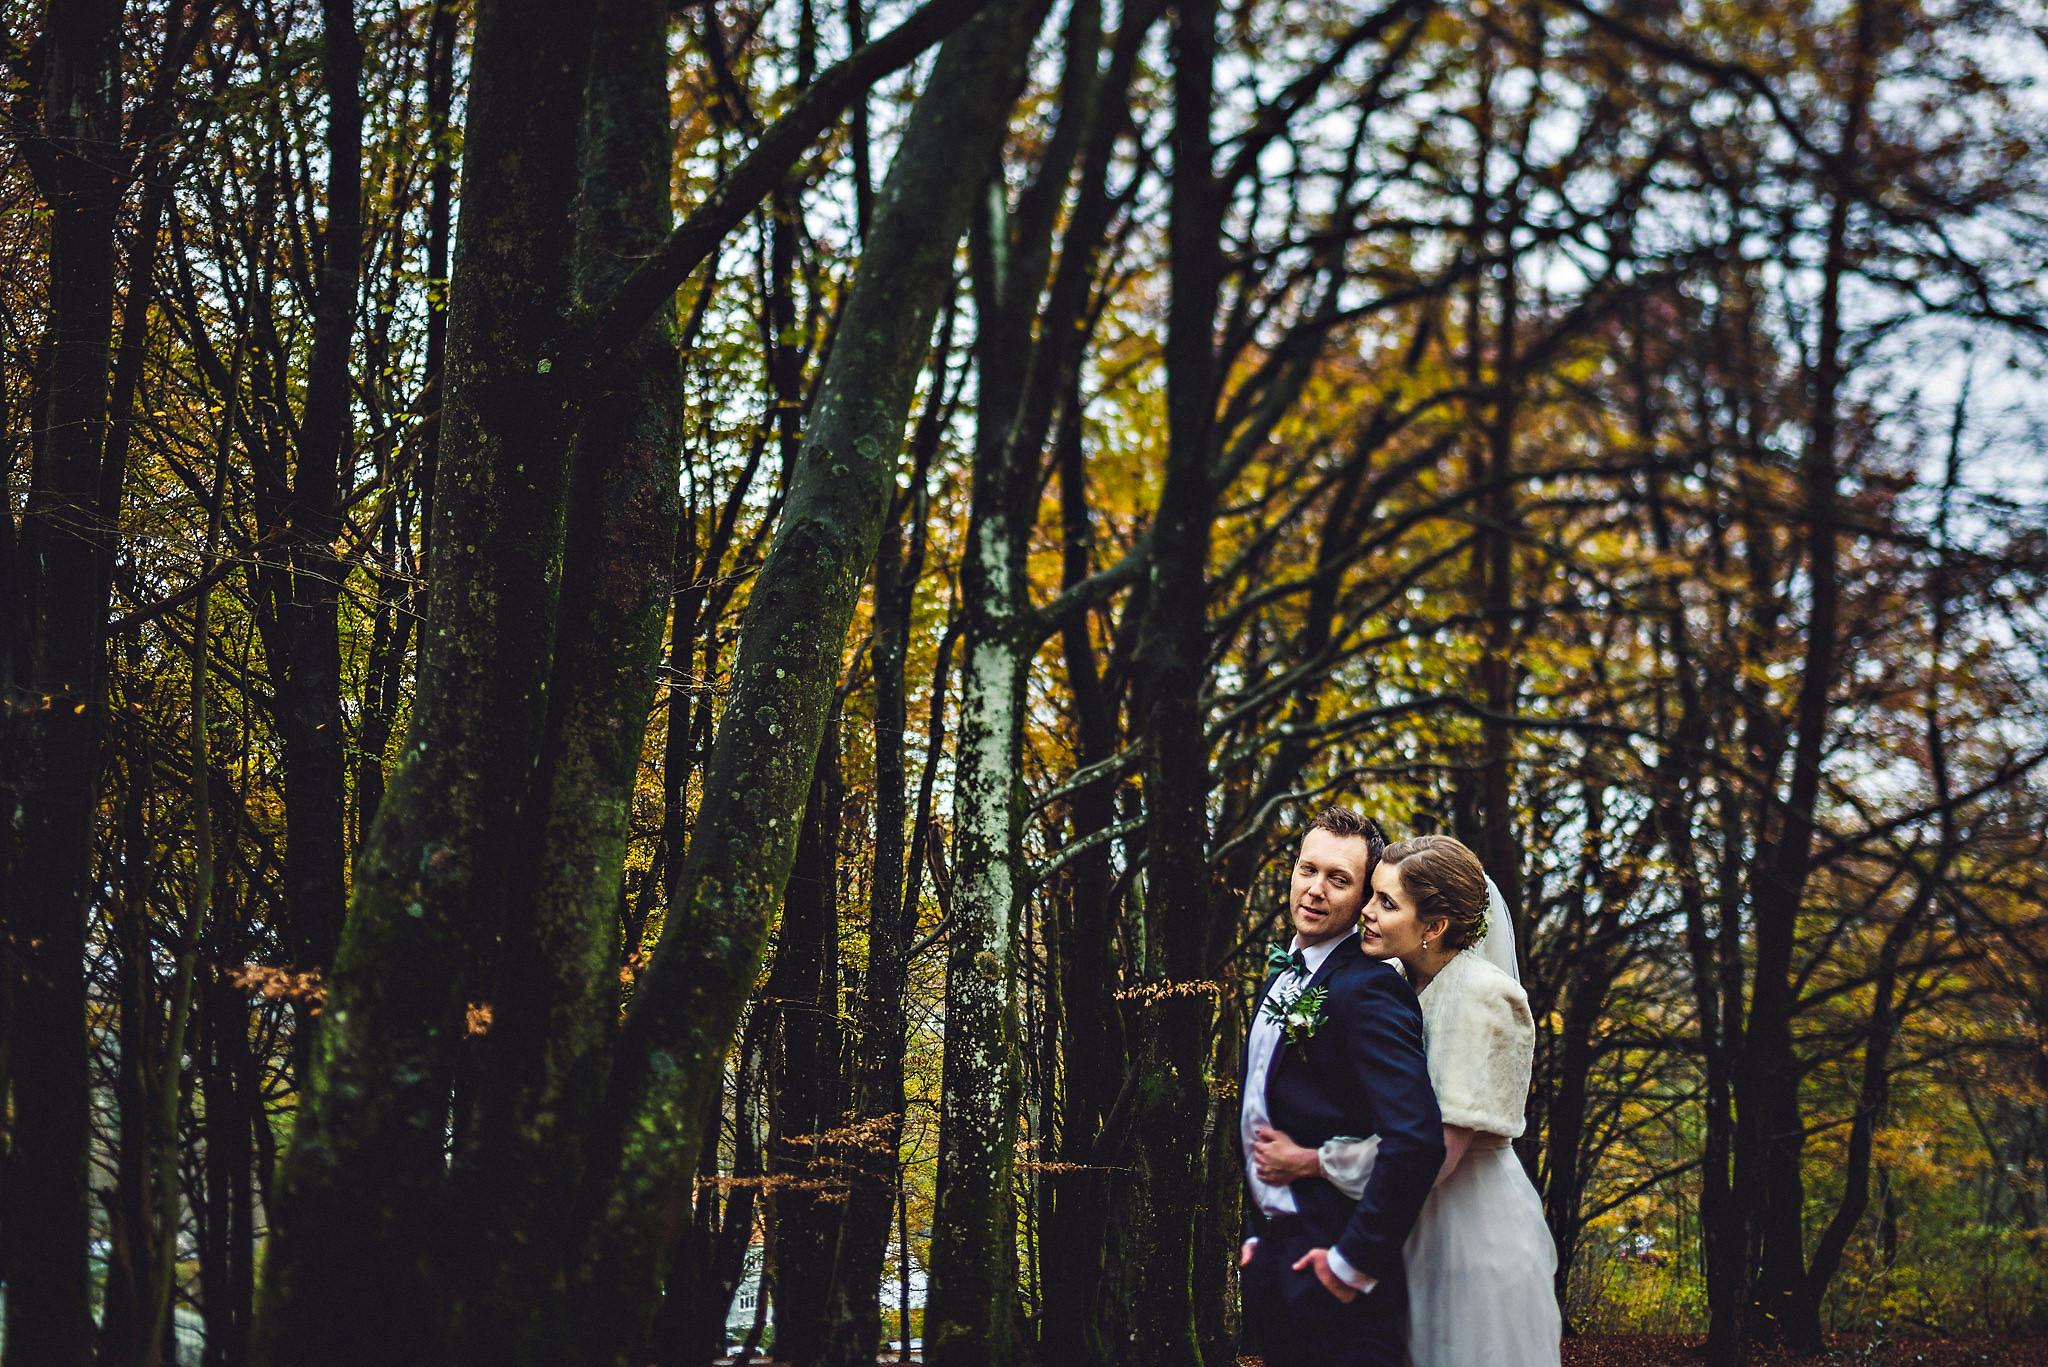 Eirik Halvorsen Marianne og Ole Martin bryllup blog-20.jpg